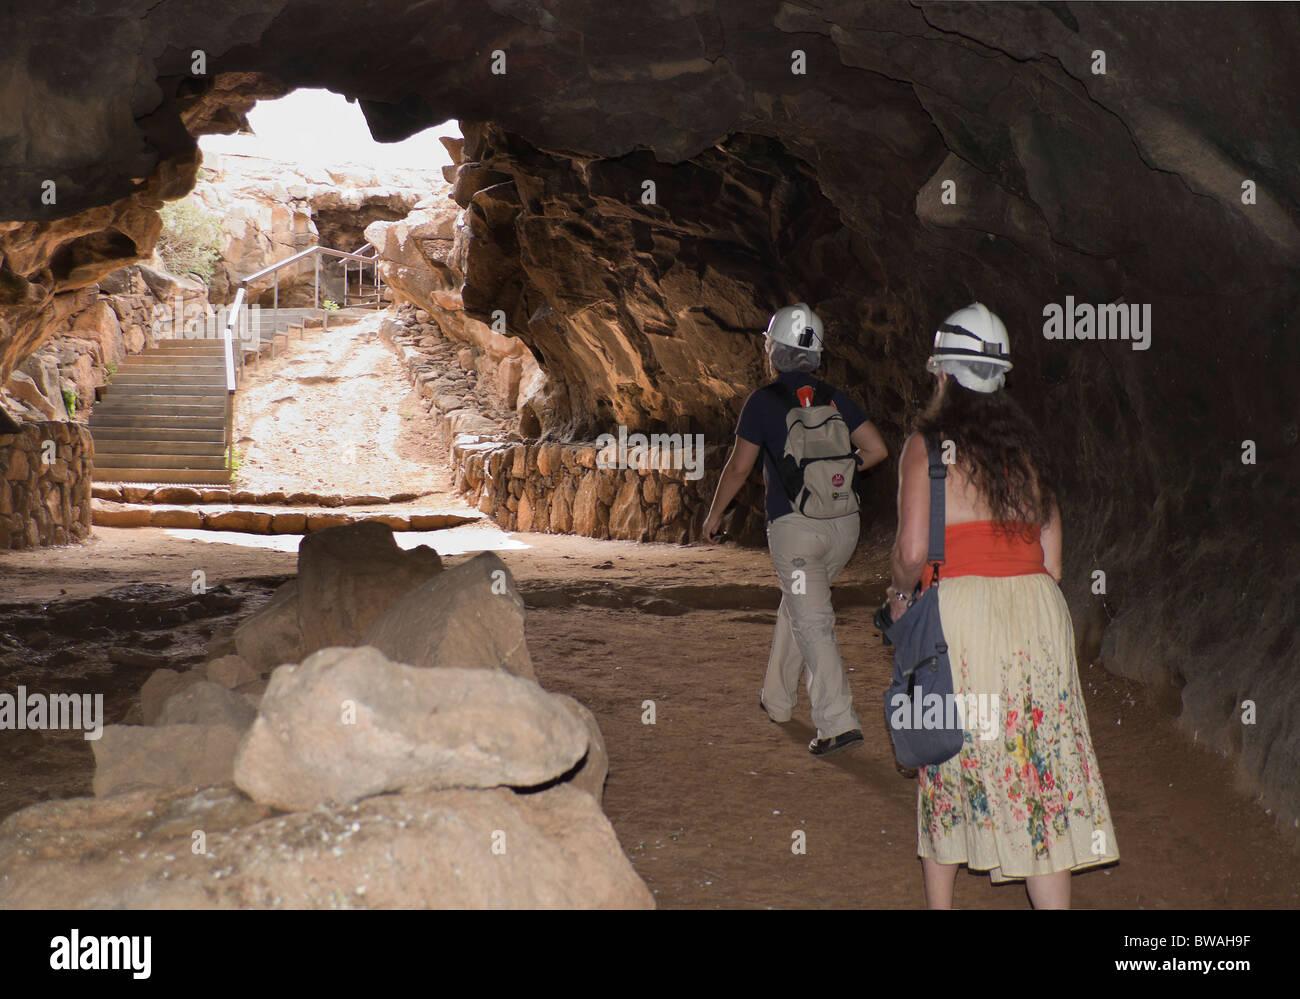 Fuerteventura Islas Canarias Cueva Del Llano De La Caverna Del Tubo De Lava En Villaverde La Entrada A La Cueva De 650m De Largo Fotografía De Stock Alamy